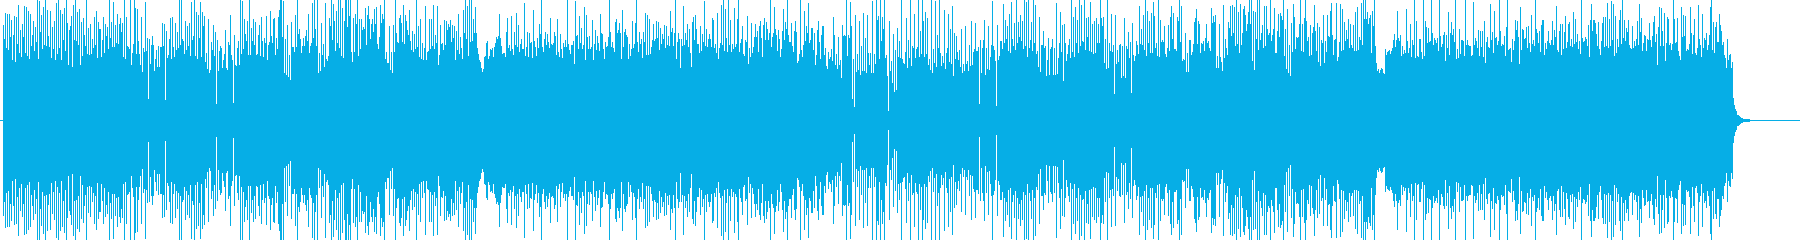 「HR/HM」「DEATH」BGM179の再生済みの波形